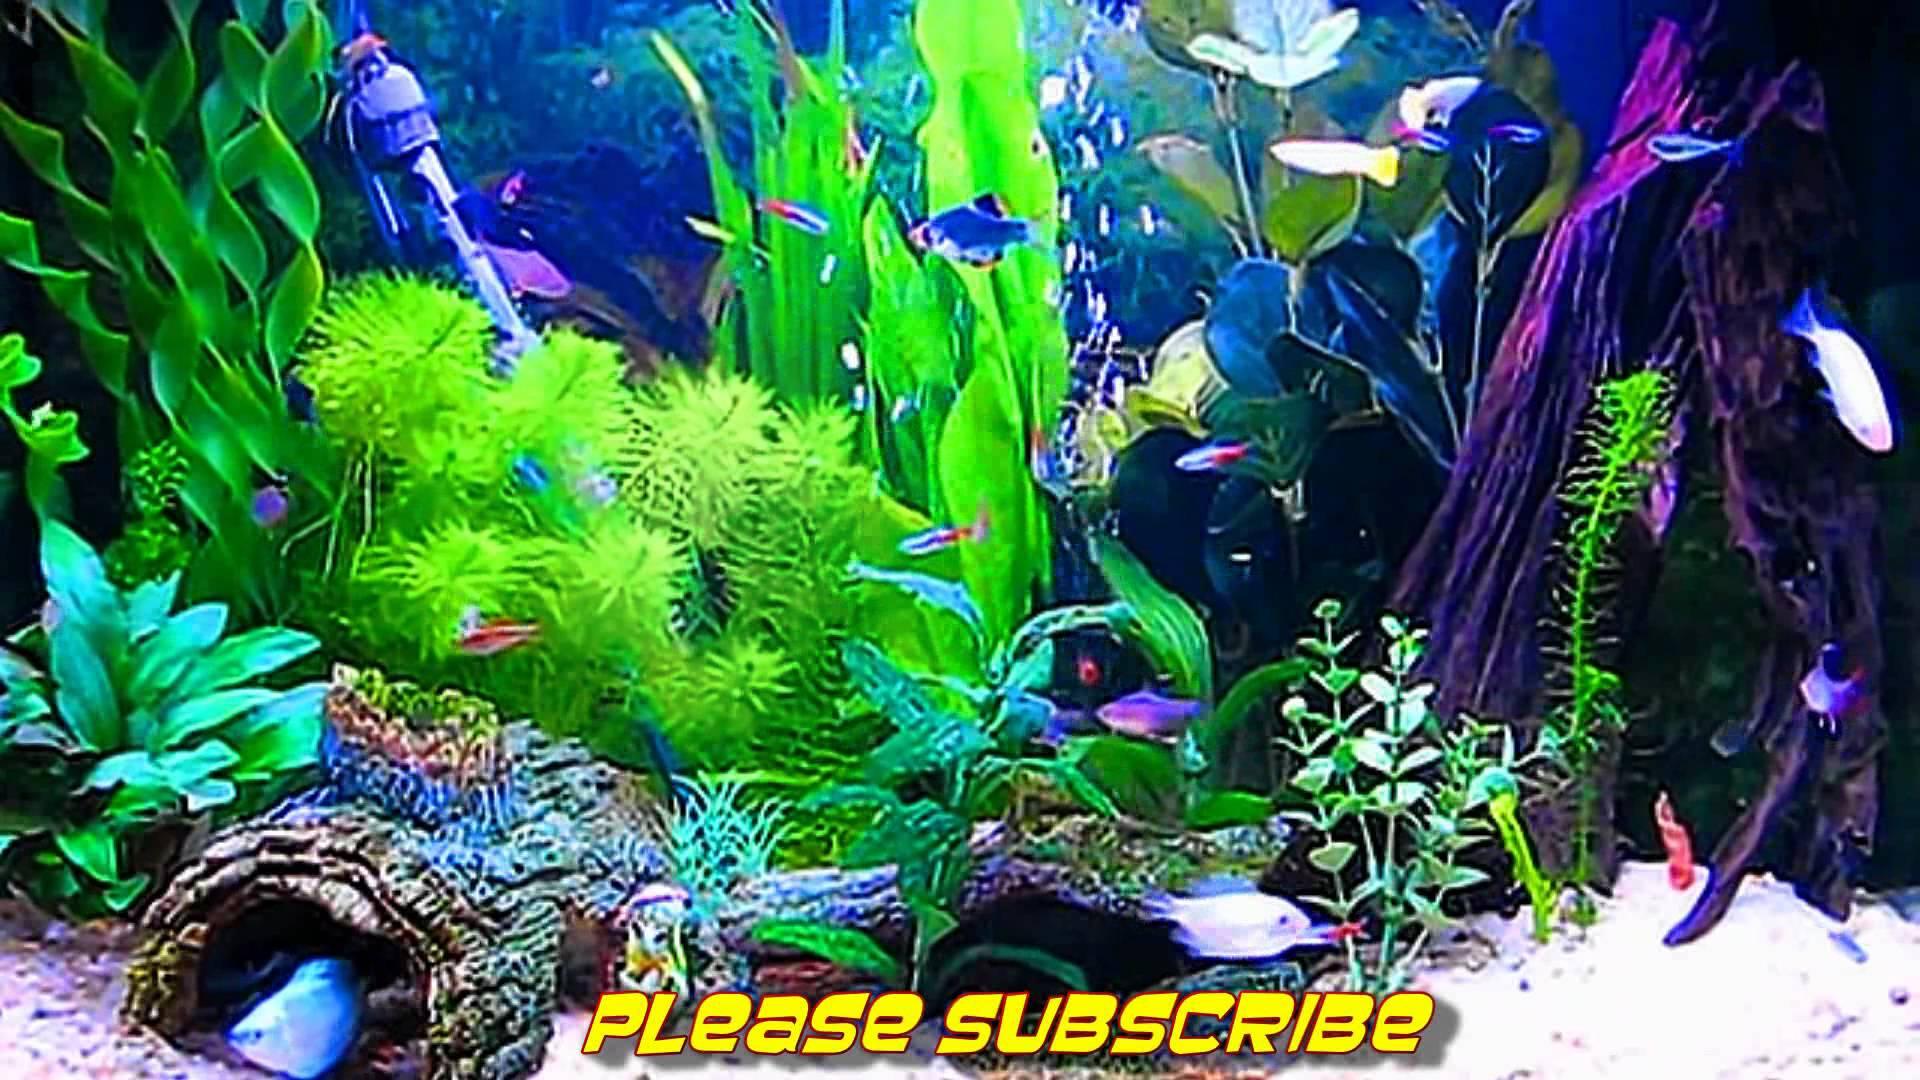 Free Fish Tank Wallpaper Screensavers - WallpaperSafari